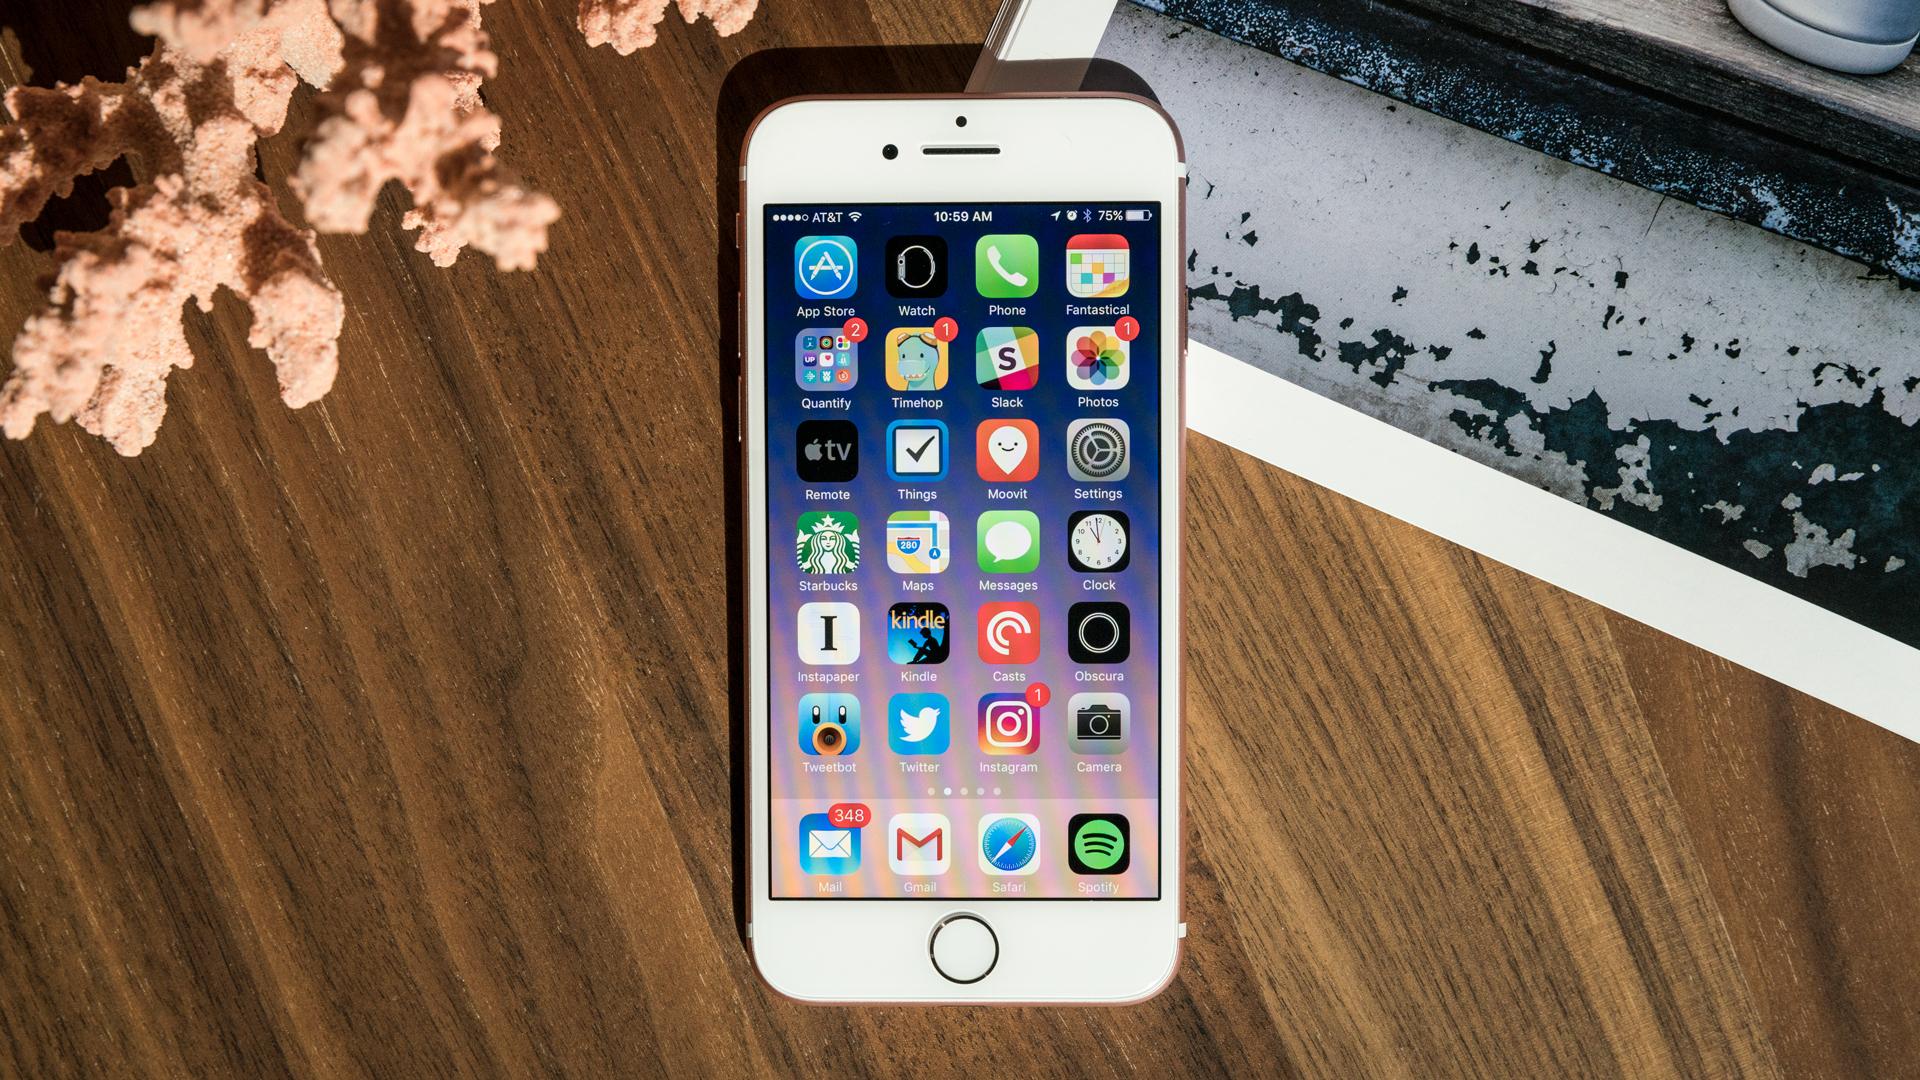 app free for iphone - Tổng hợp 12 ứng dụng hay và miễn phí trên iOS ngày 08.03.2017